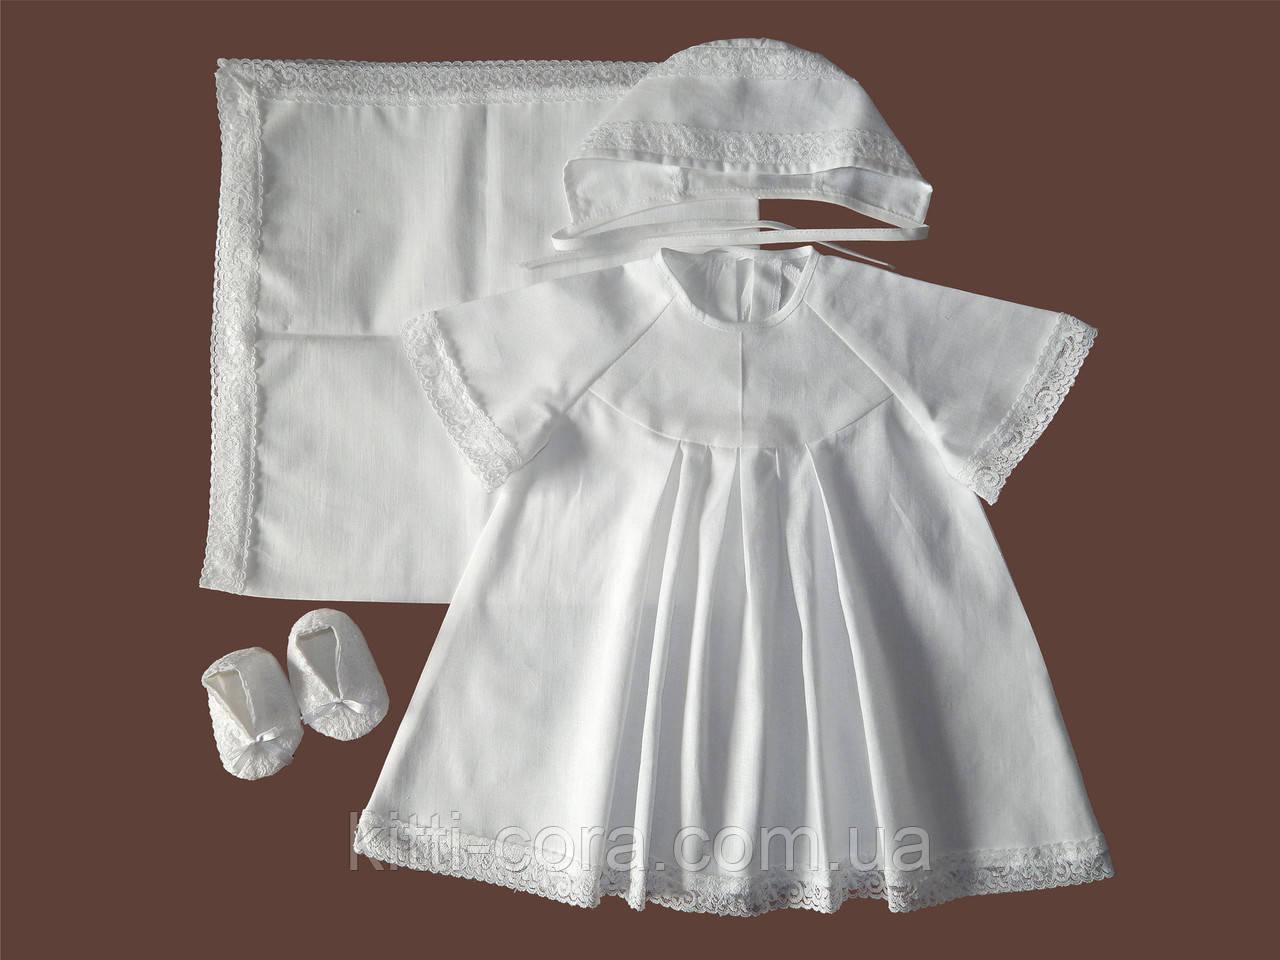 Зимний набор для крестин девочки из фланели, байки. Модель Happy 2 - Kitti Cora - интернет магазин для мам и малышей в Львове